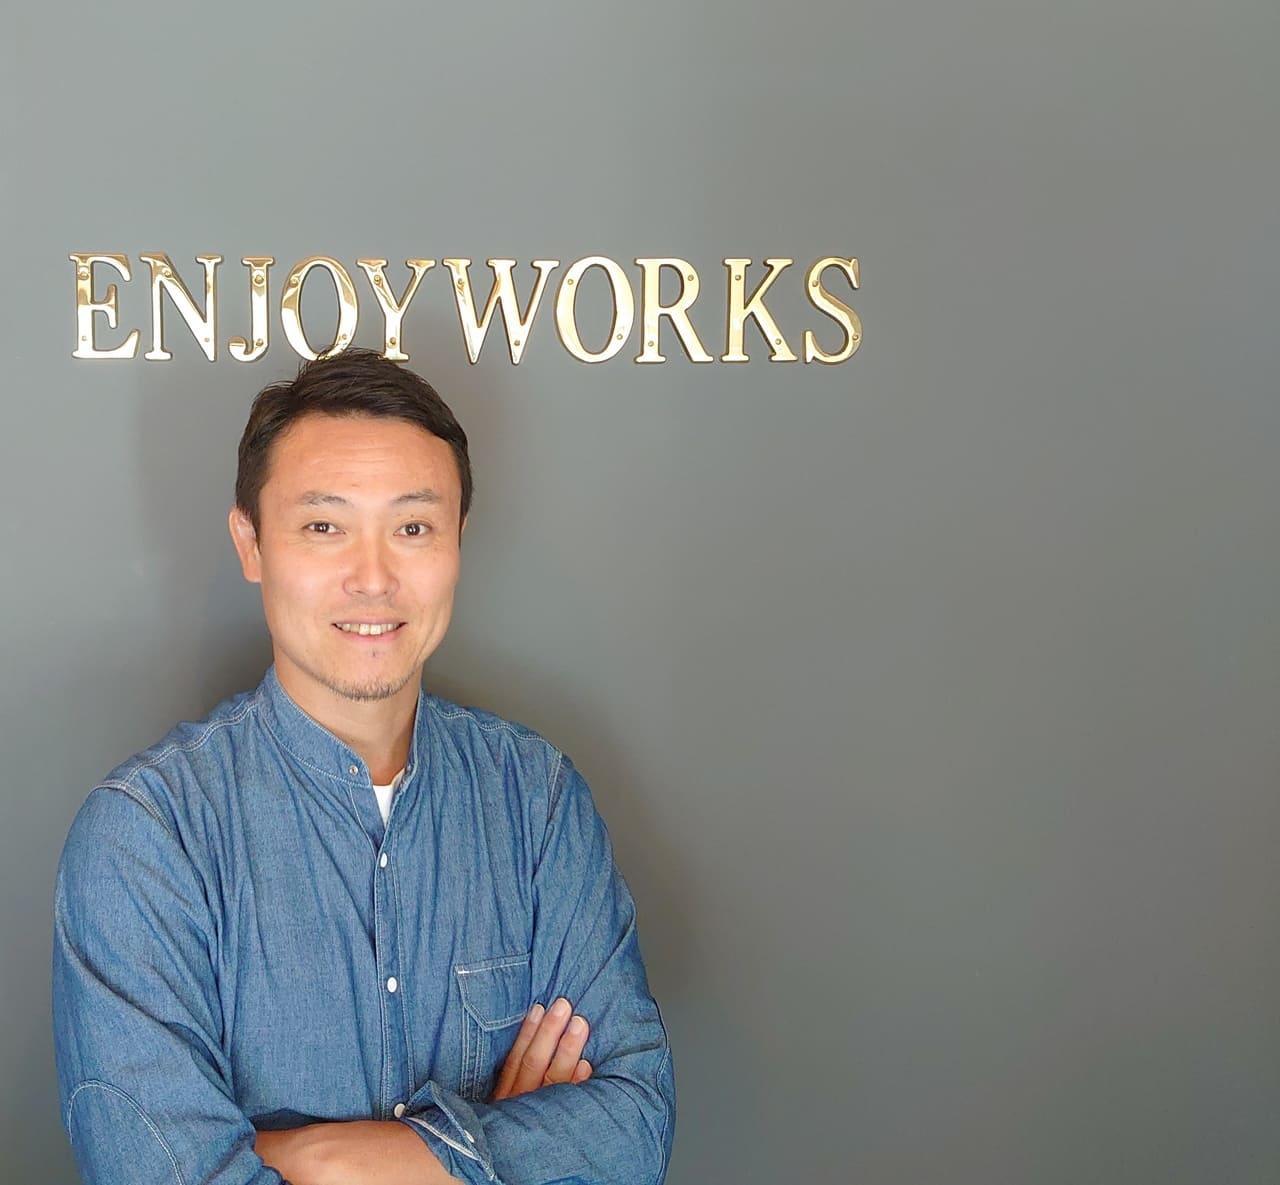 企業研究vol.109 エンジョイワークス 福田 和則 社長【トップインタビュー】